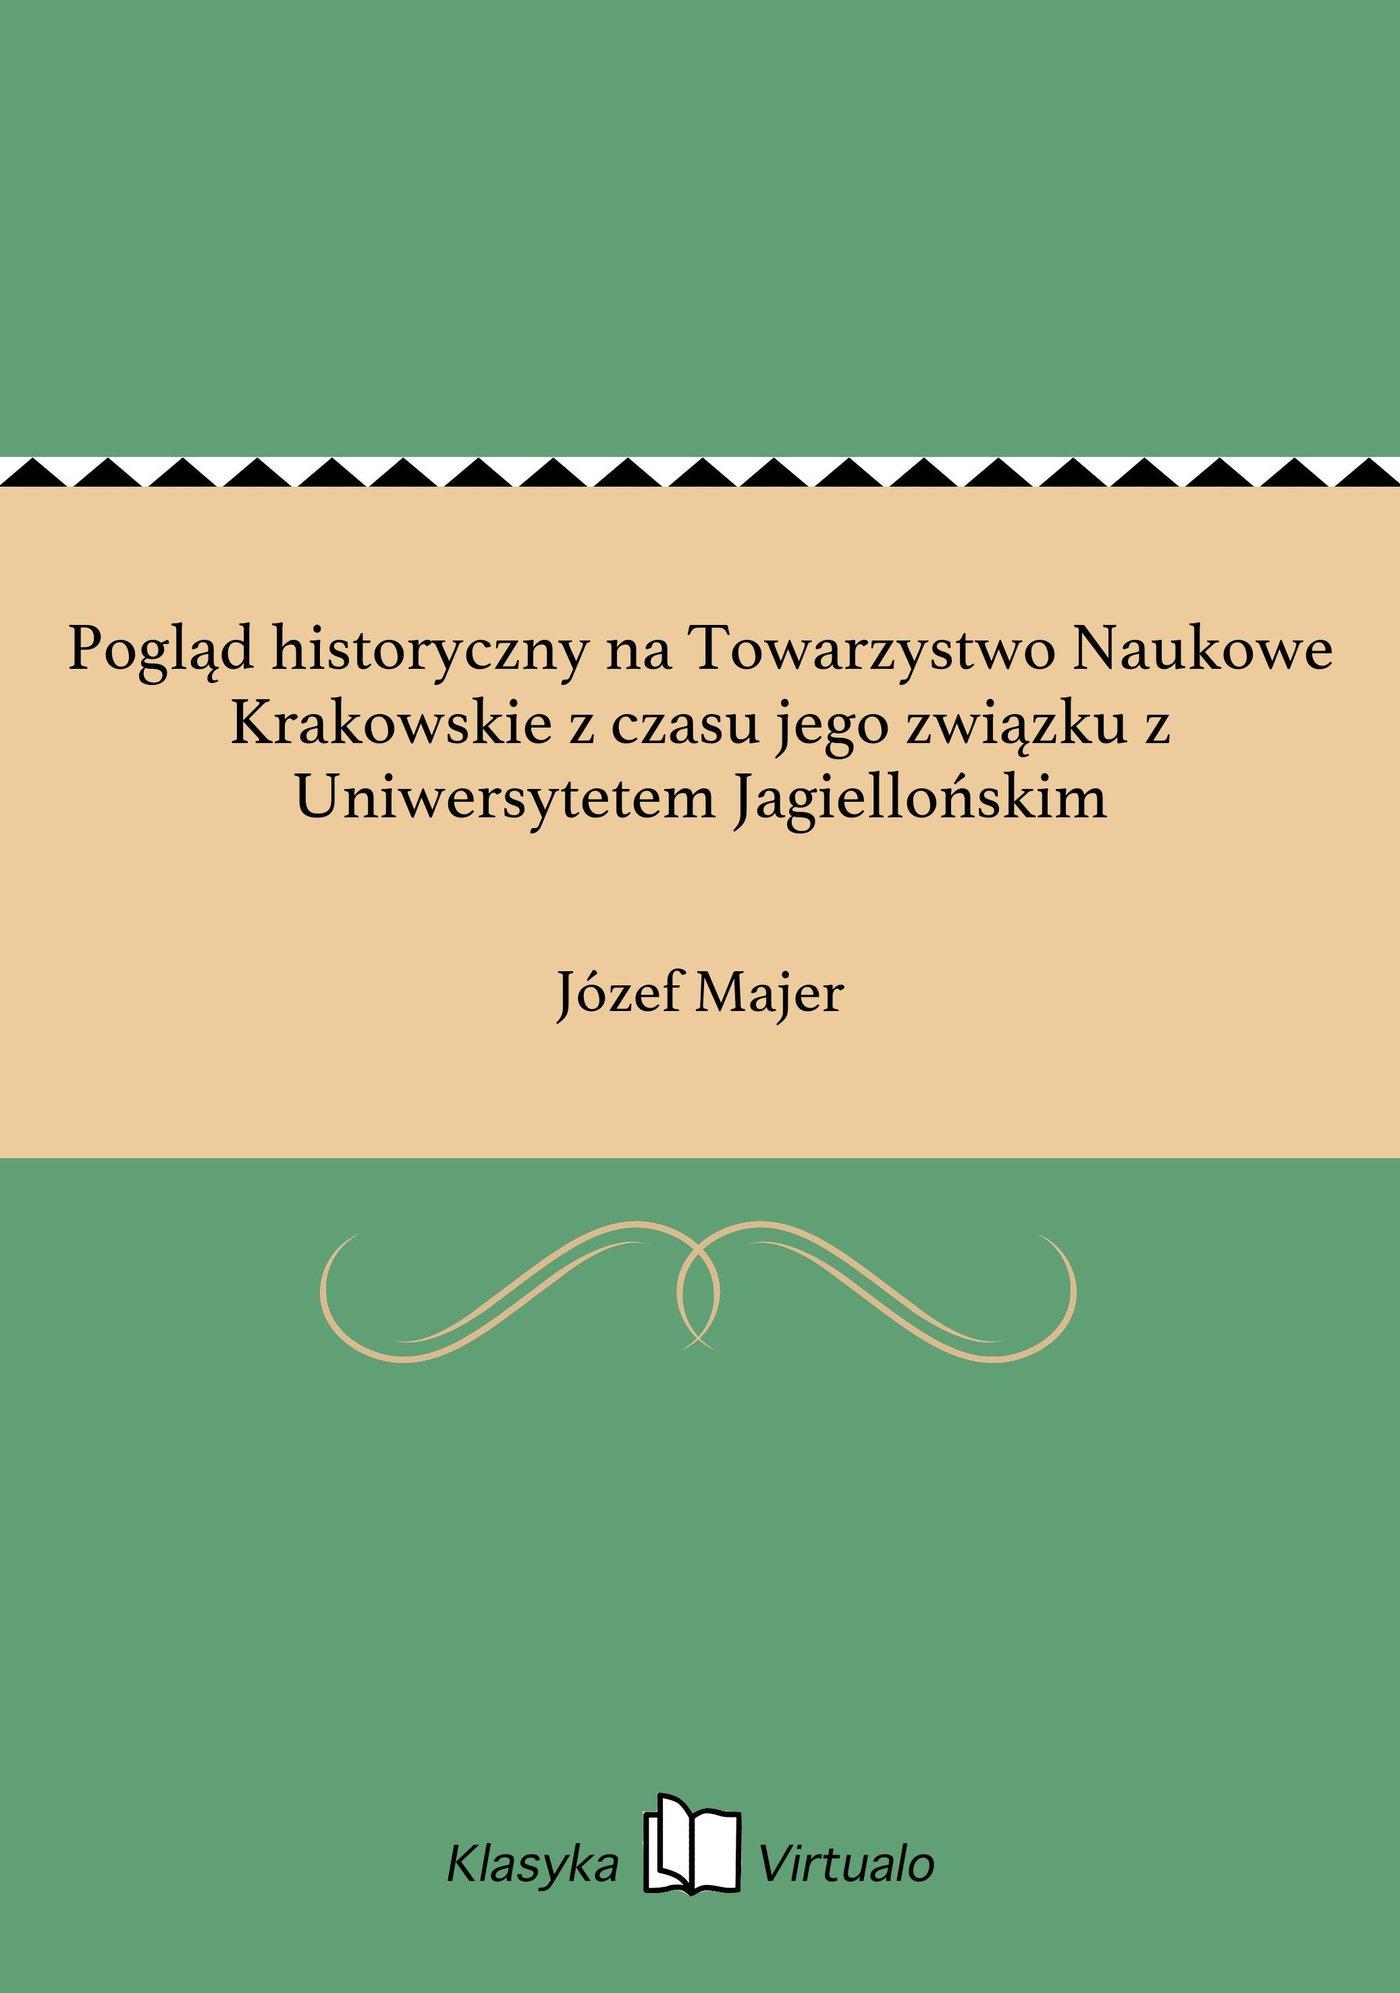 Pogląd historyczny na Towarzystwo Naukowe Krakowskie z czasu jego związku z Uniwersytetem Jagiellońskim - Ebook (Książka na Kindle) do pobrania w formacie MOBI